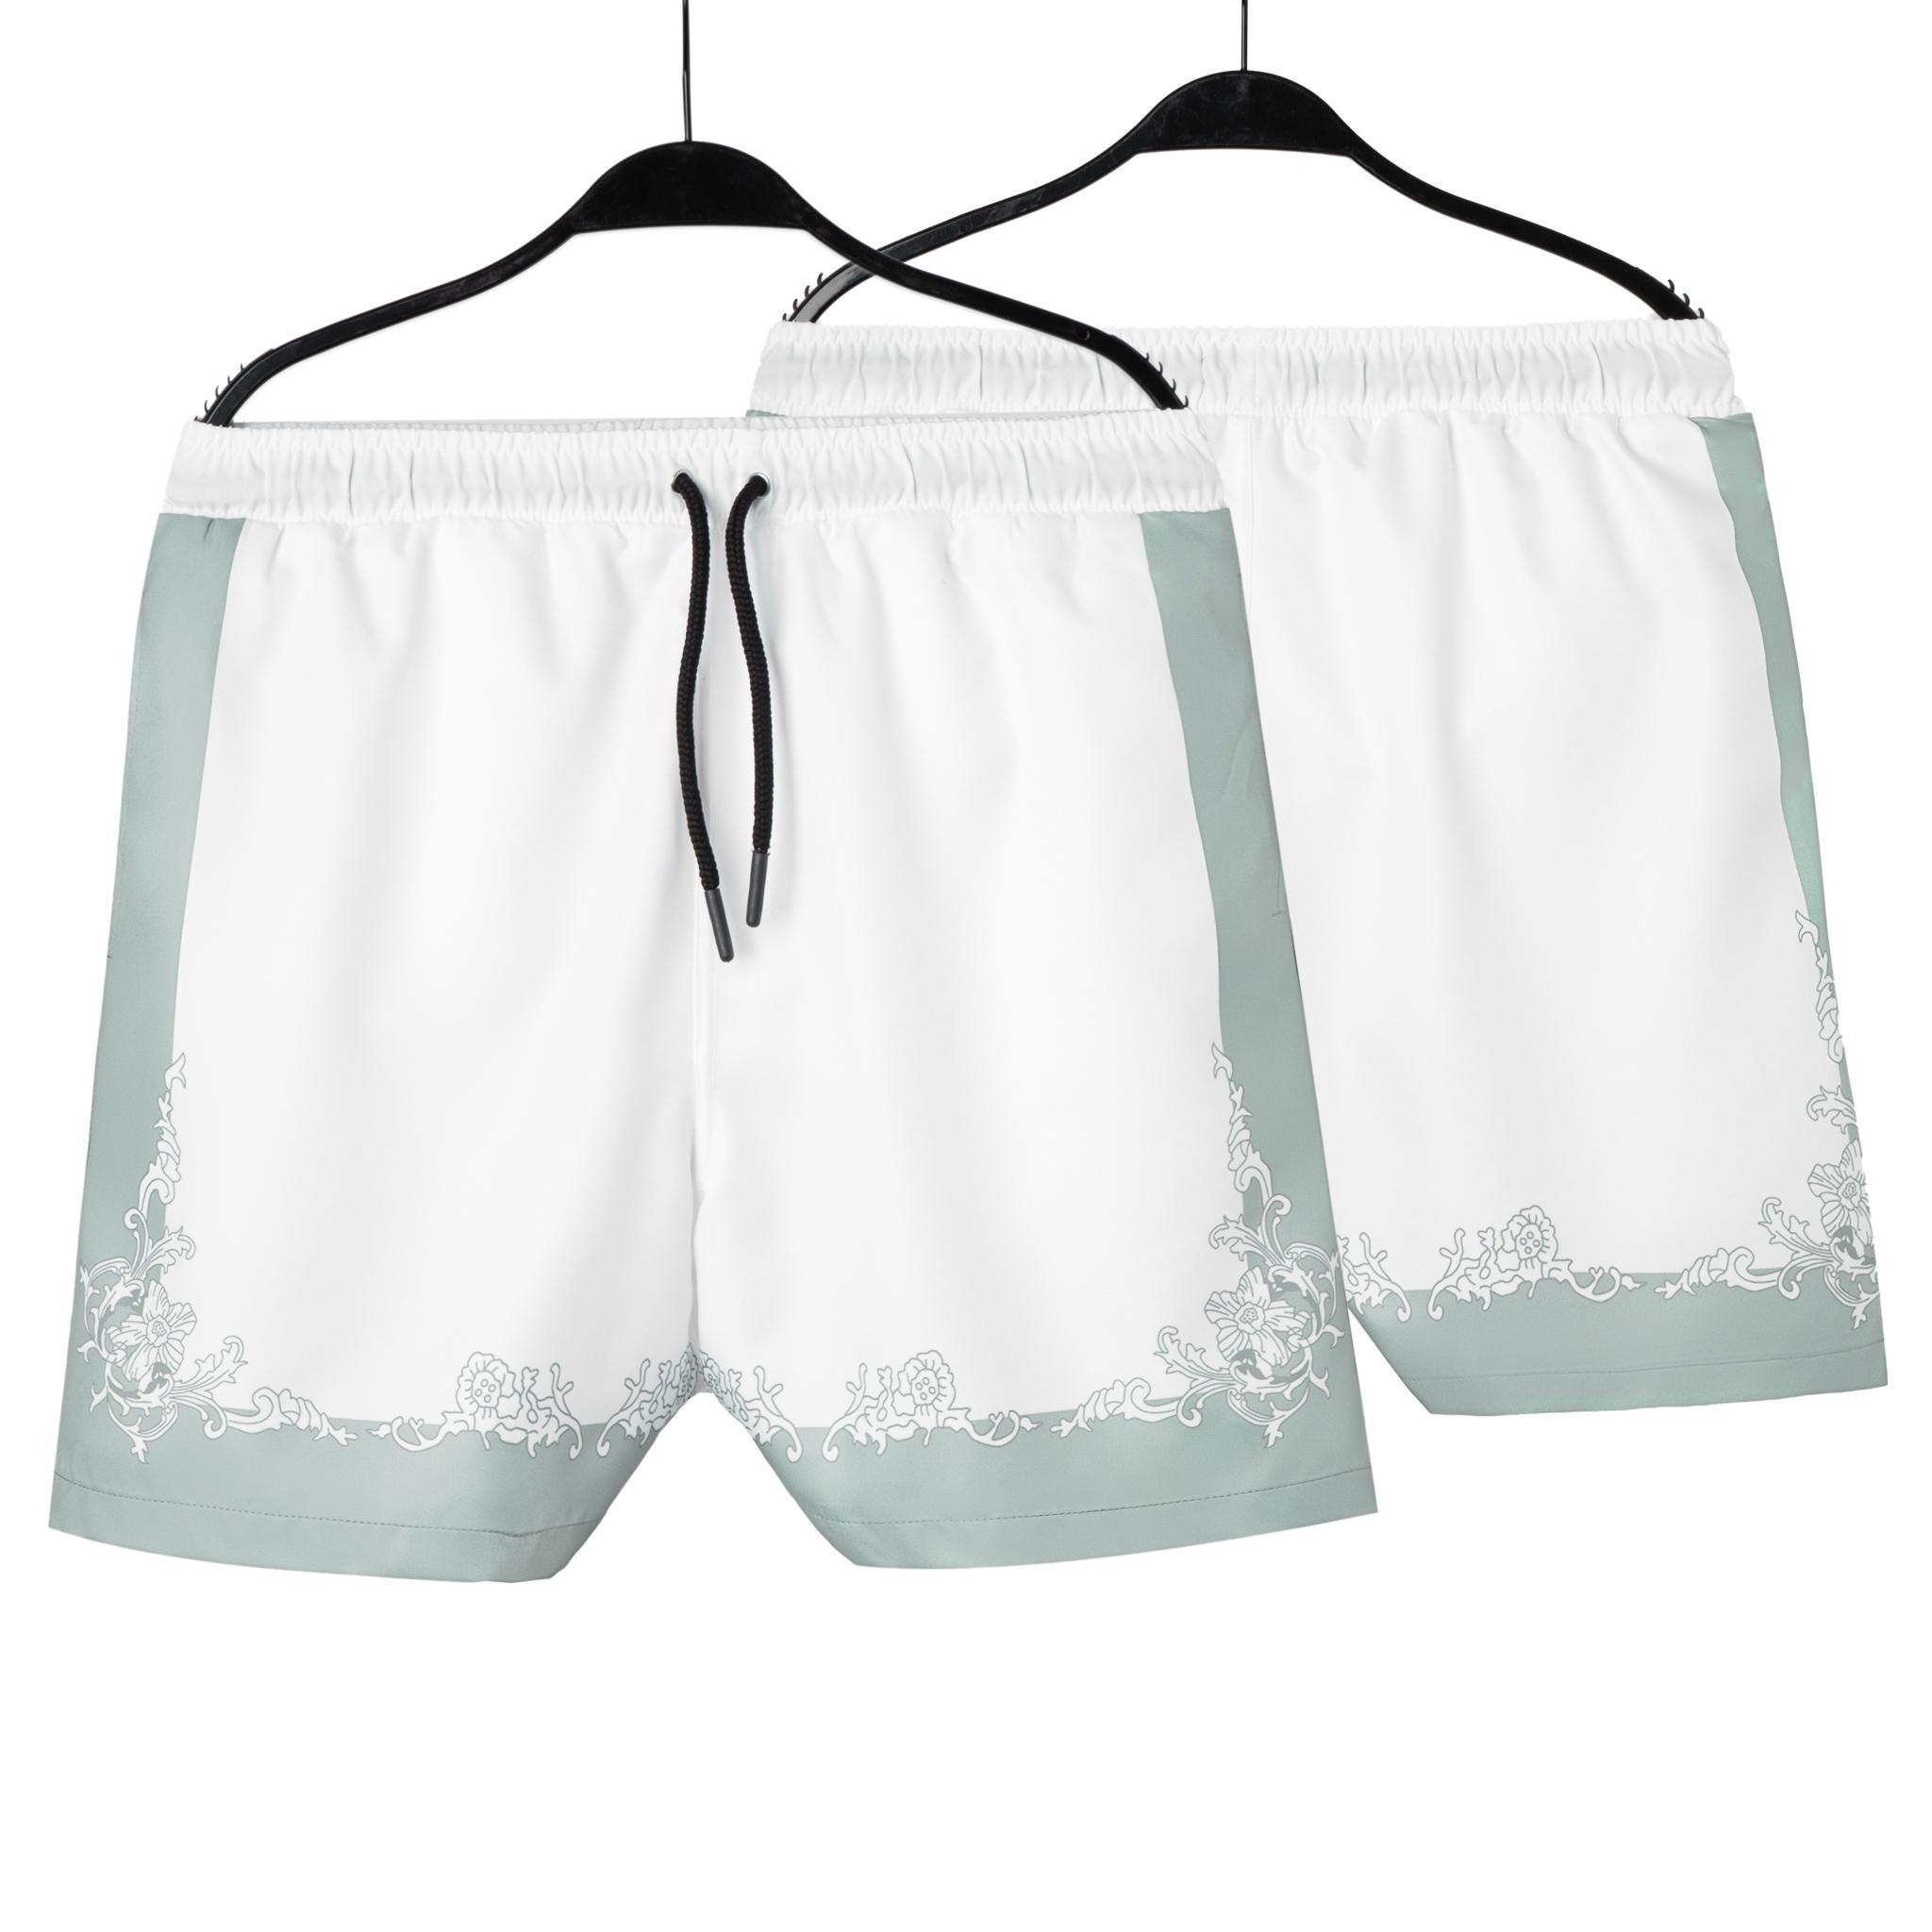 SP191 - Quần Short Swim Barpque Angle